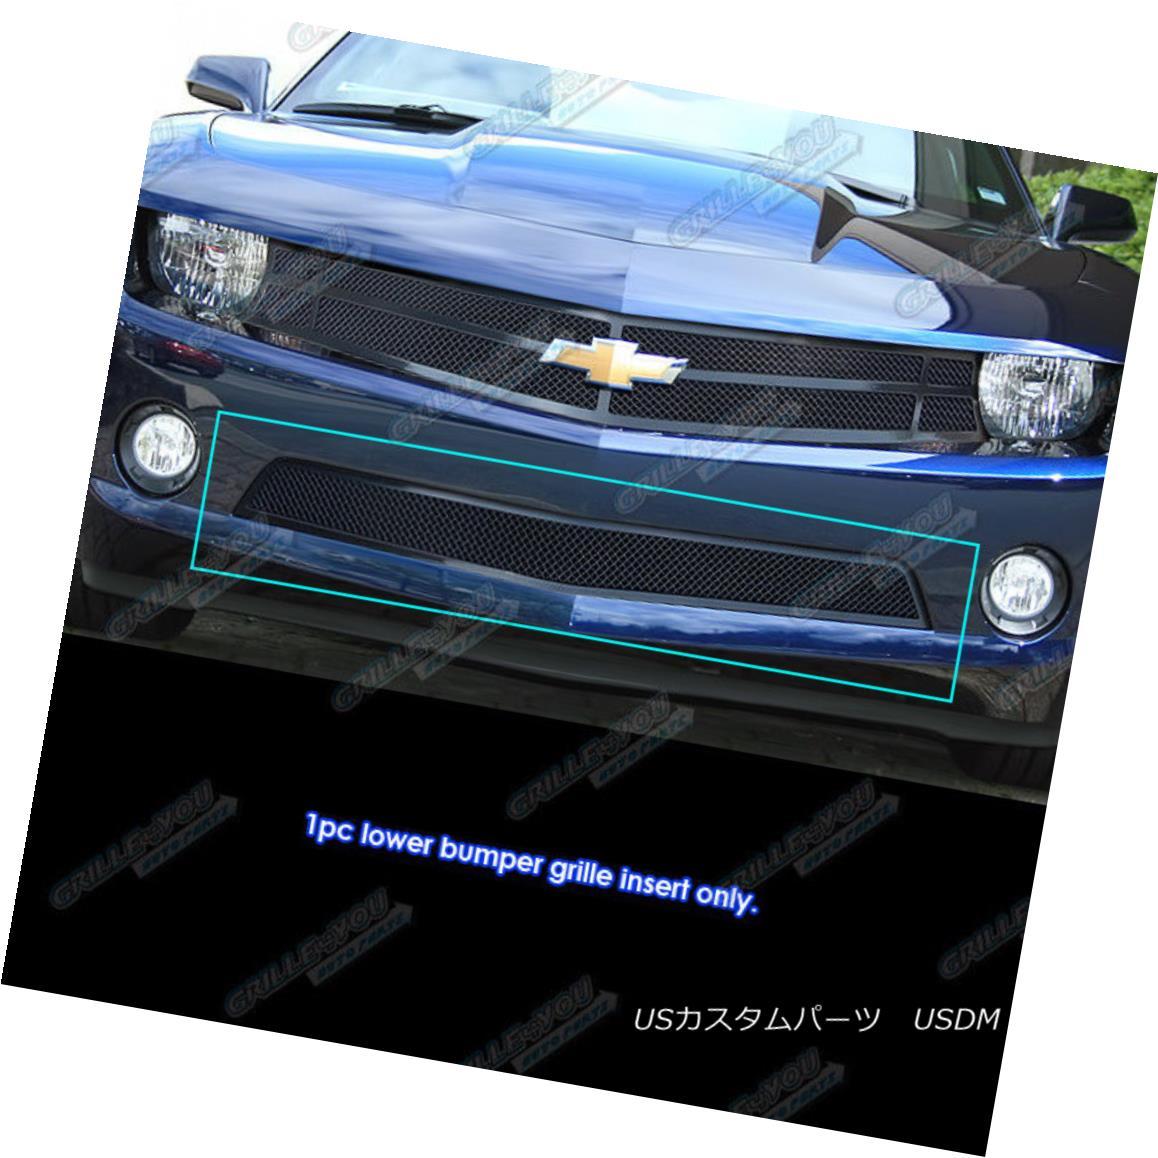 グリル For 2010-2013 Chevy Camaro LT/LS V6 Bumper Black Mesh Grille Grill Insert 2010-2013シボレーカマロLT / LS V6バンパーブラックメッシュグリルグリルインサート